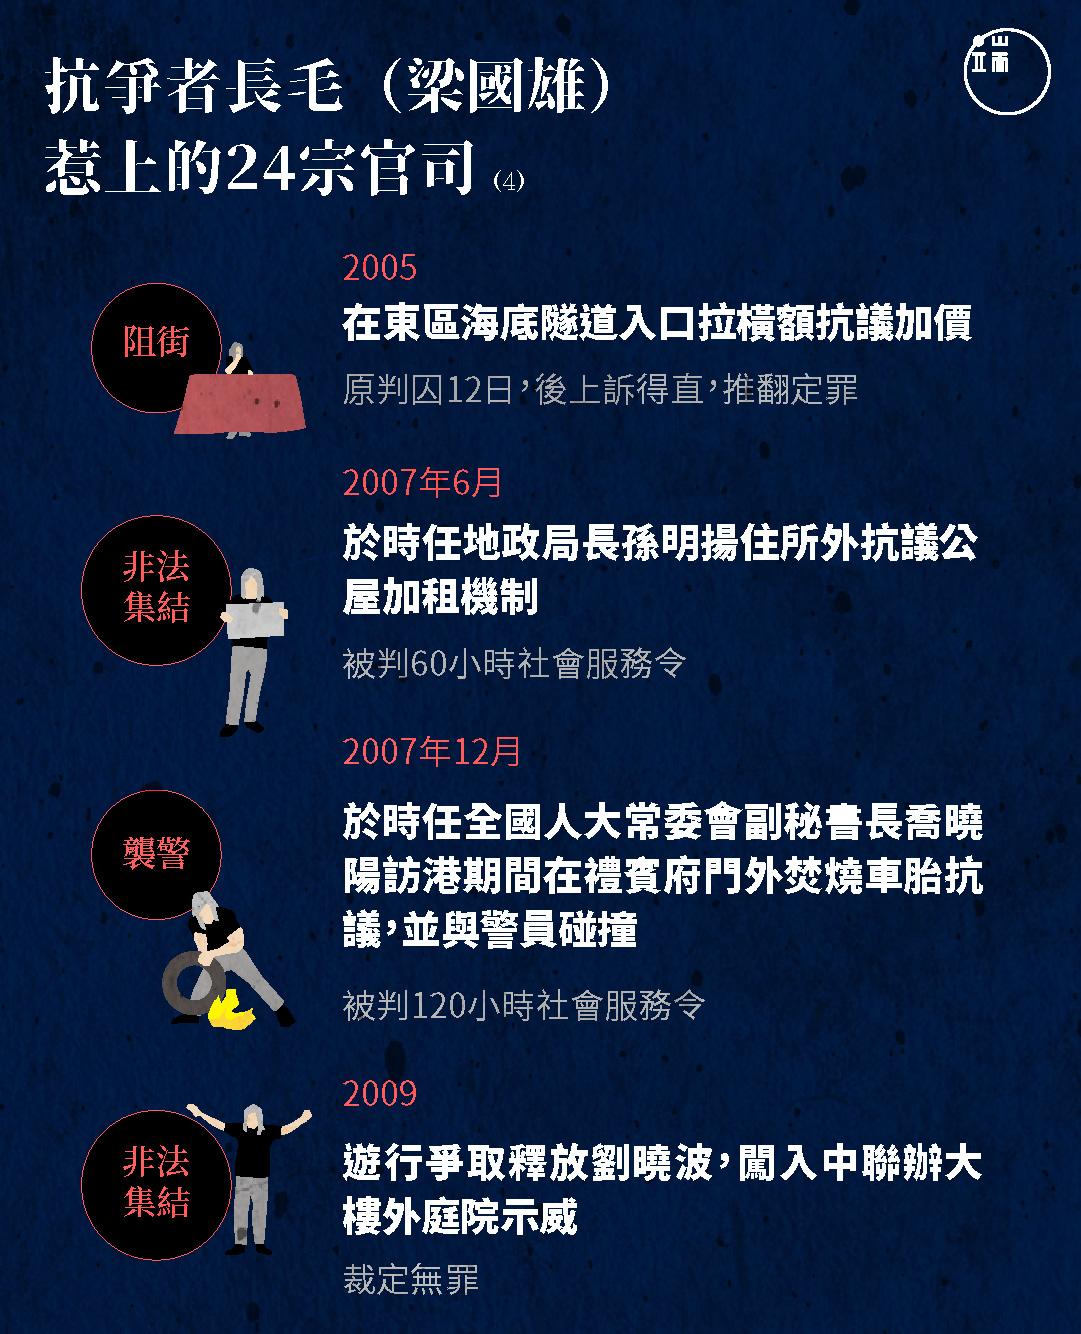 抗爭者長毛(梁國雄)惹上的24宗官司(4)